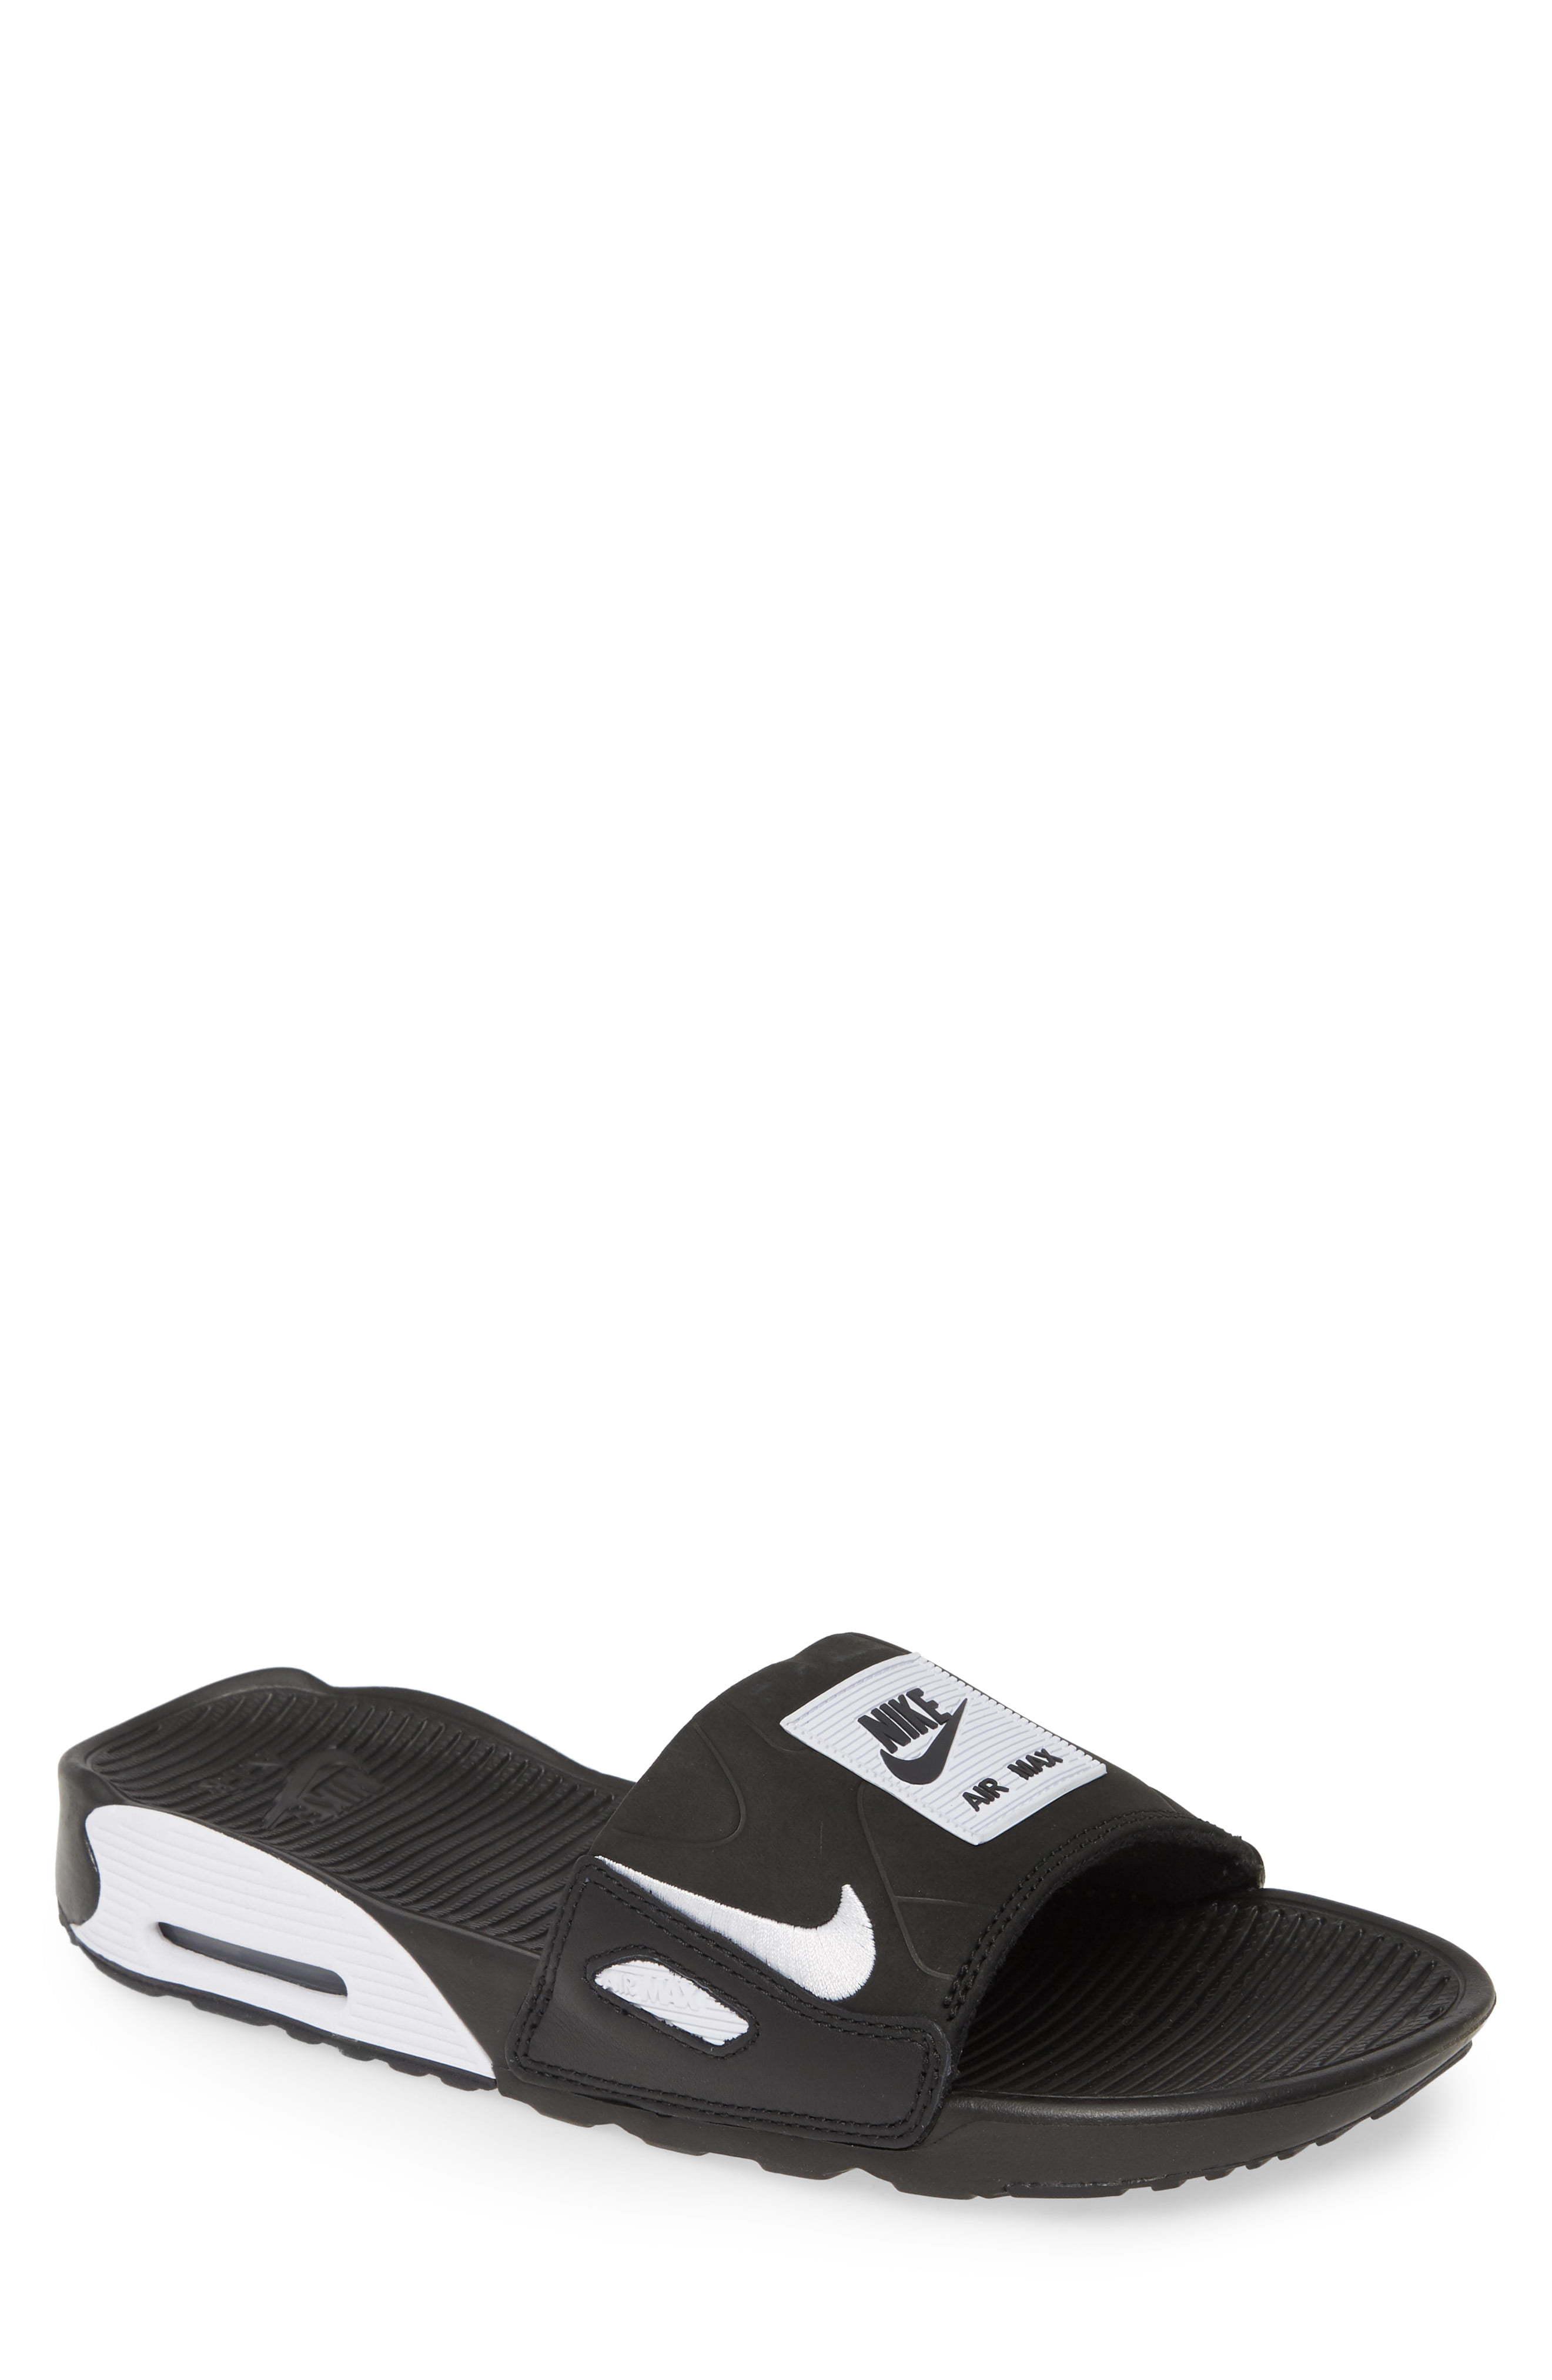 Nike Air Max 90 Sport Slide, $75   Nordstrom   Lookastic